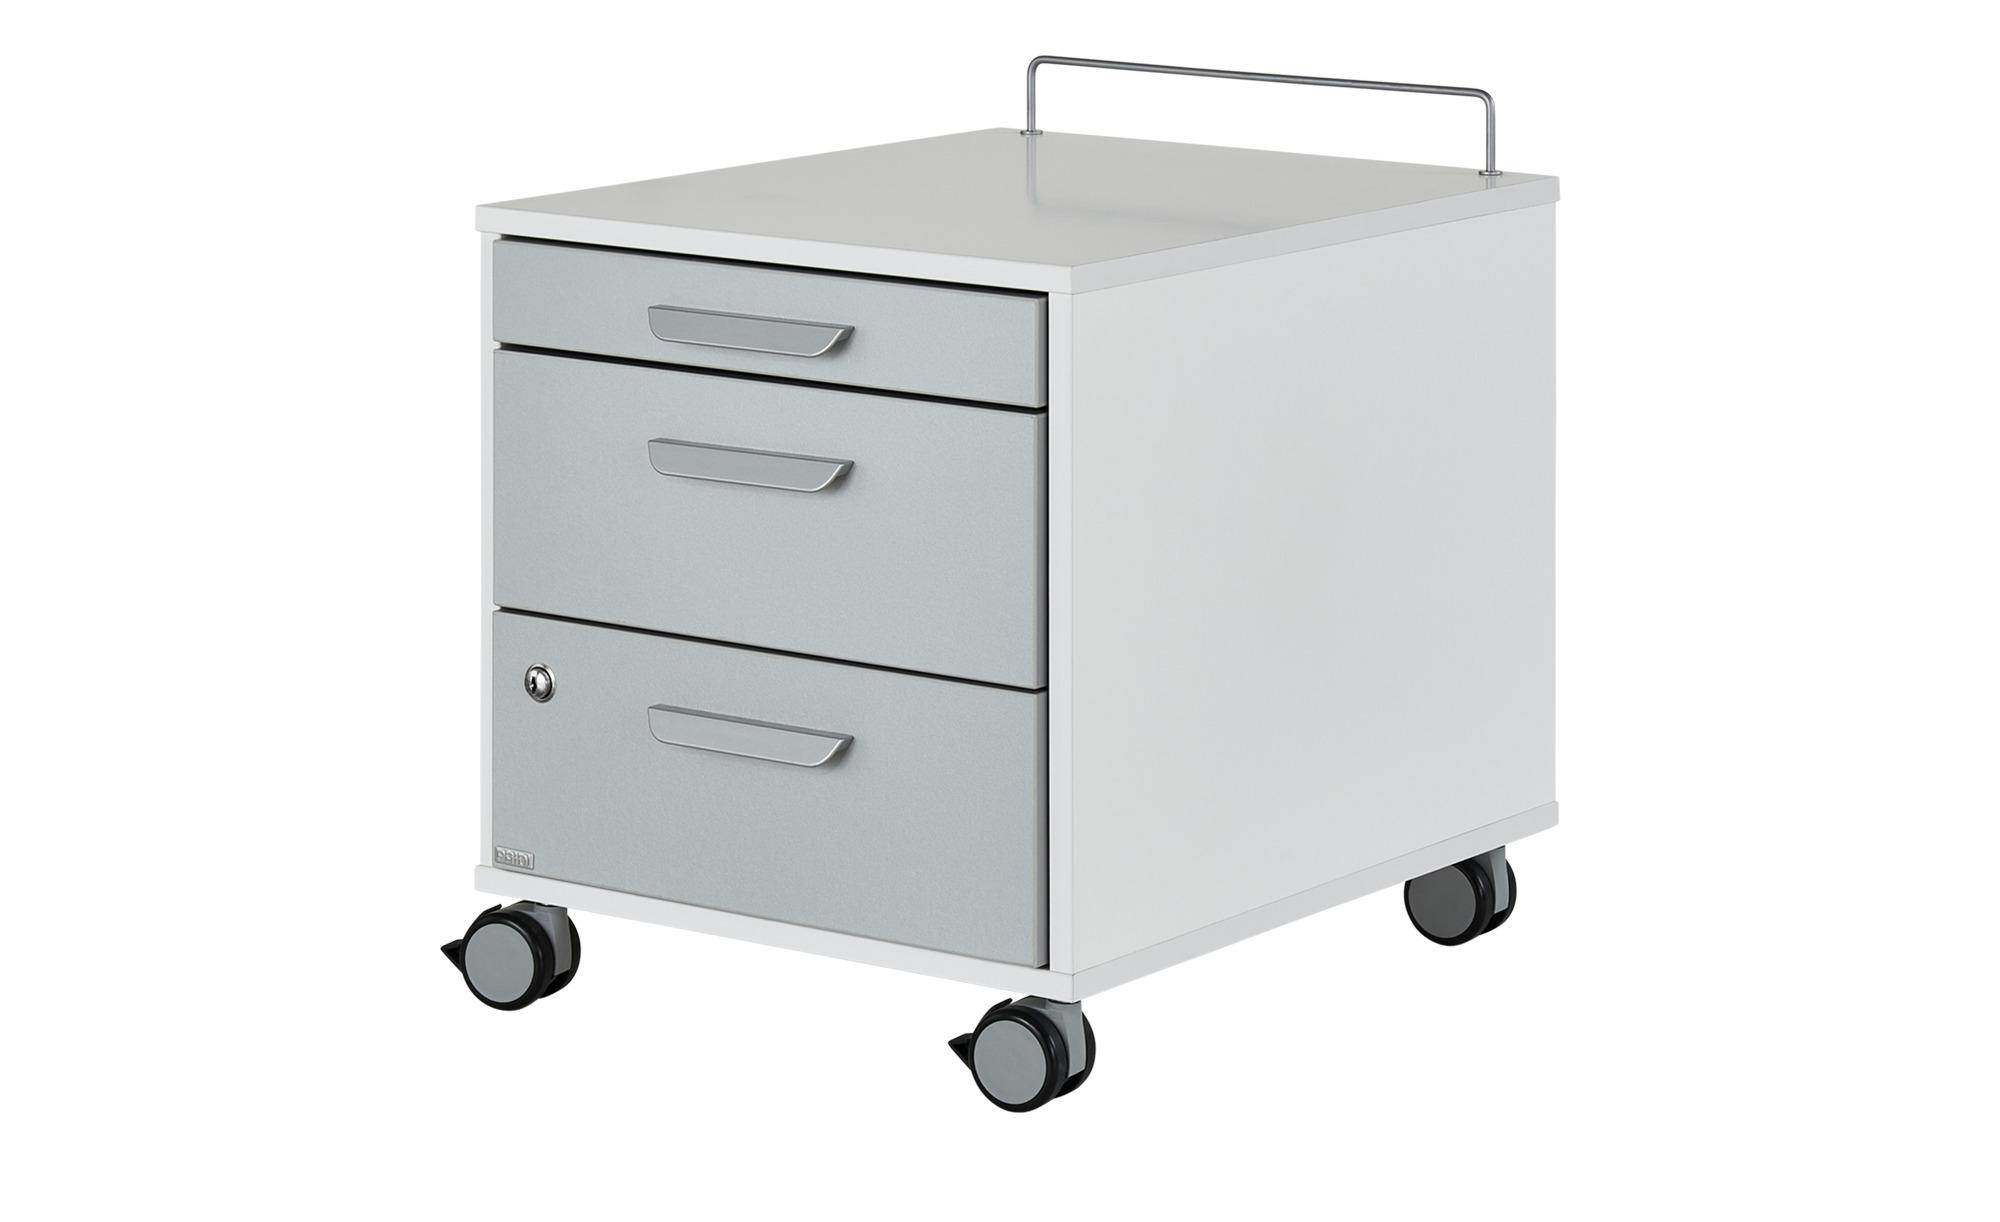 PAIDI Rollcontainer   Tablo ¦ weiß ¦ Maße (cm): B: 44,4 H: 51,2 T: 54,7 Schränke > Rollcontainer - Höffner